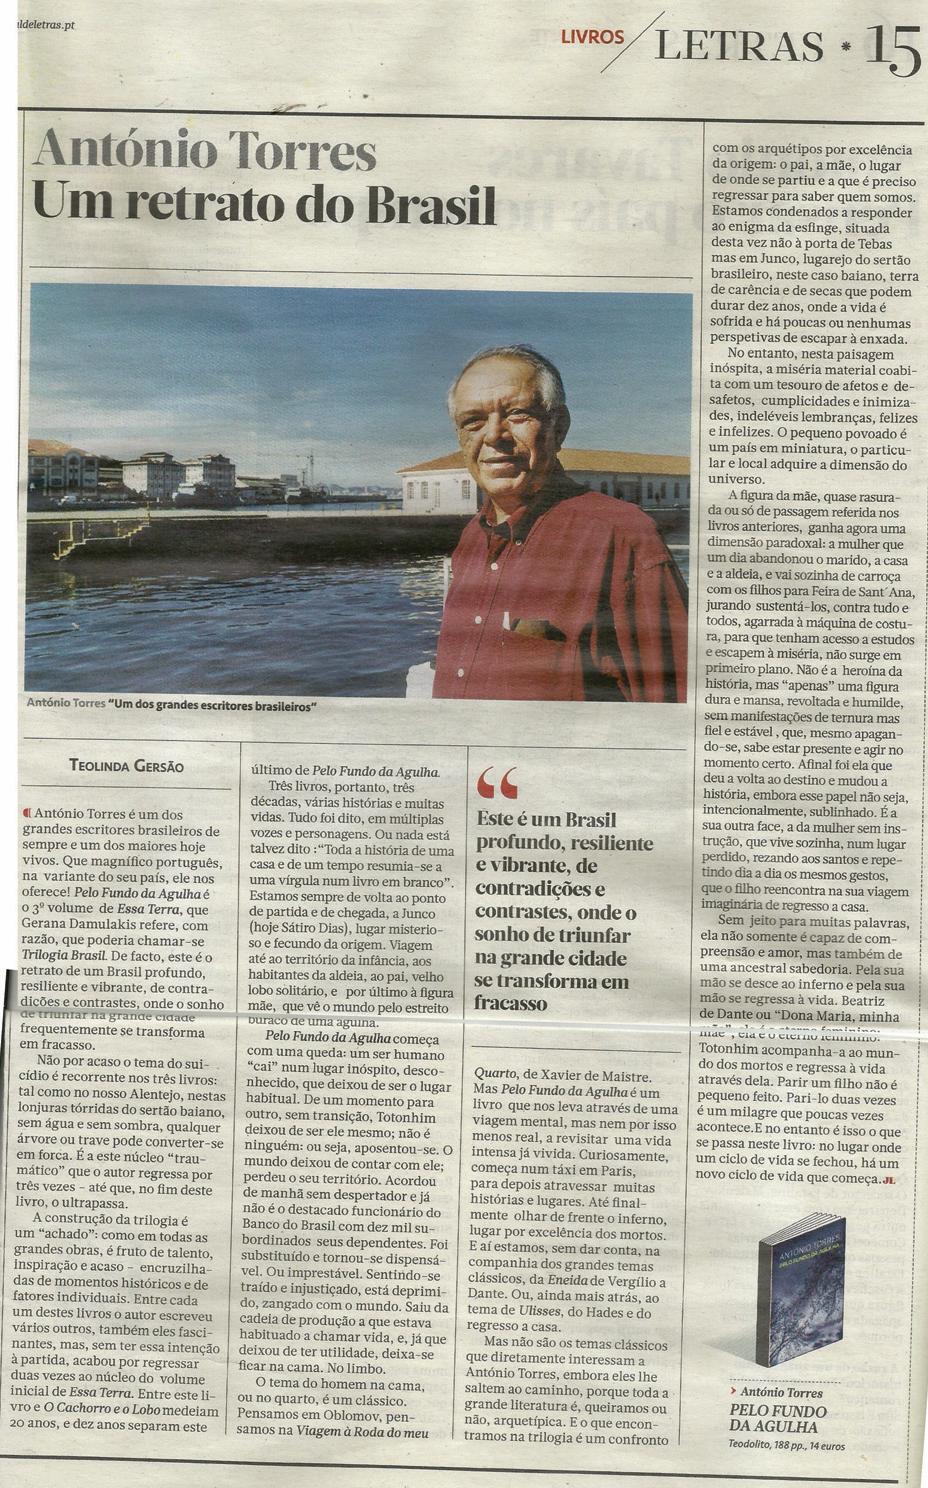 Página digitalizada com a resenha. Em uma foto abaixo do título vê-se Antônio Torres com uma camisa social vermelha. Ao fundo um porto com uma construção colonial e, mais ao fundo, alguns prédios antigos baixos.